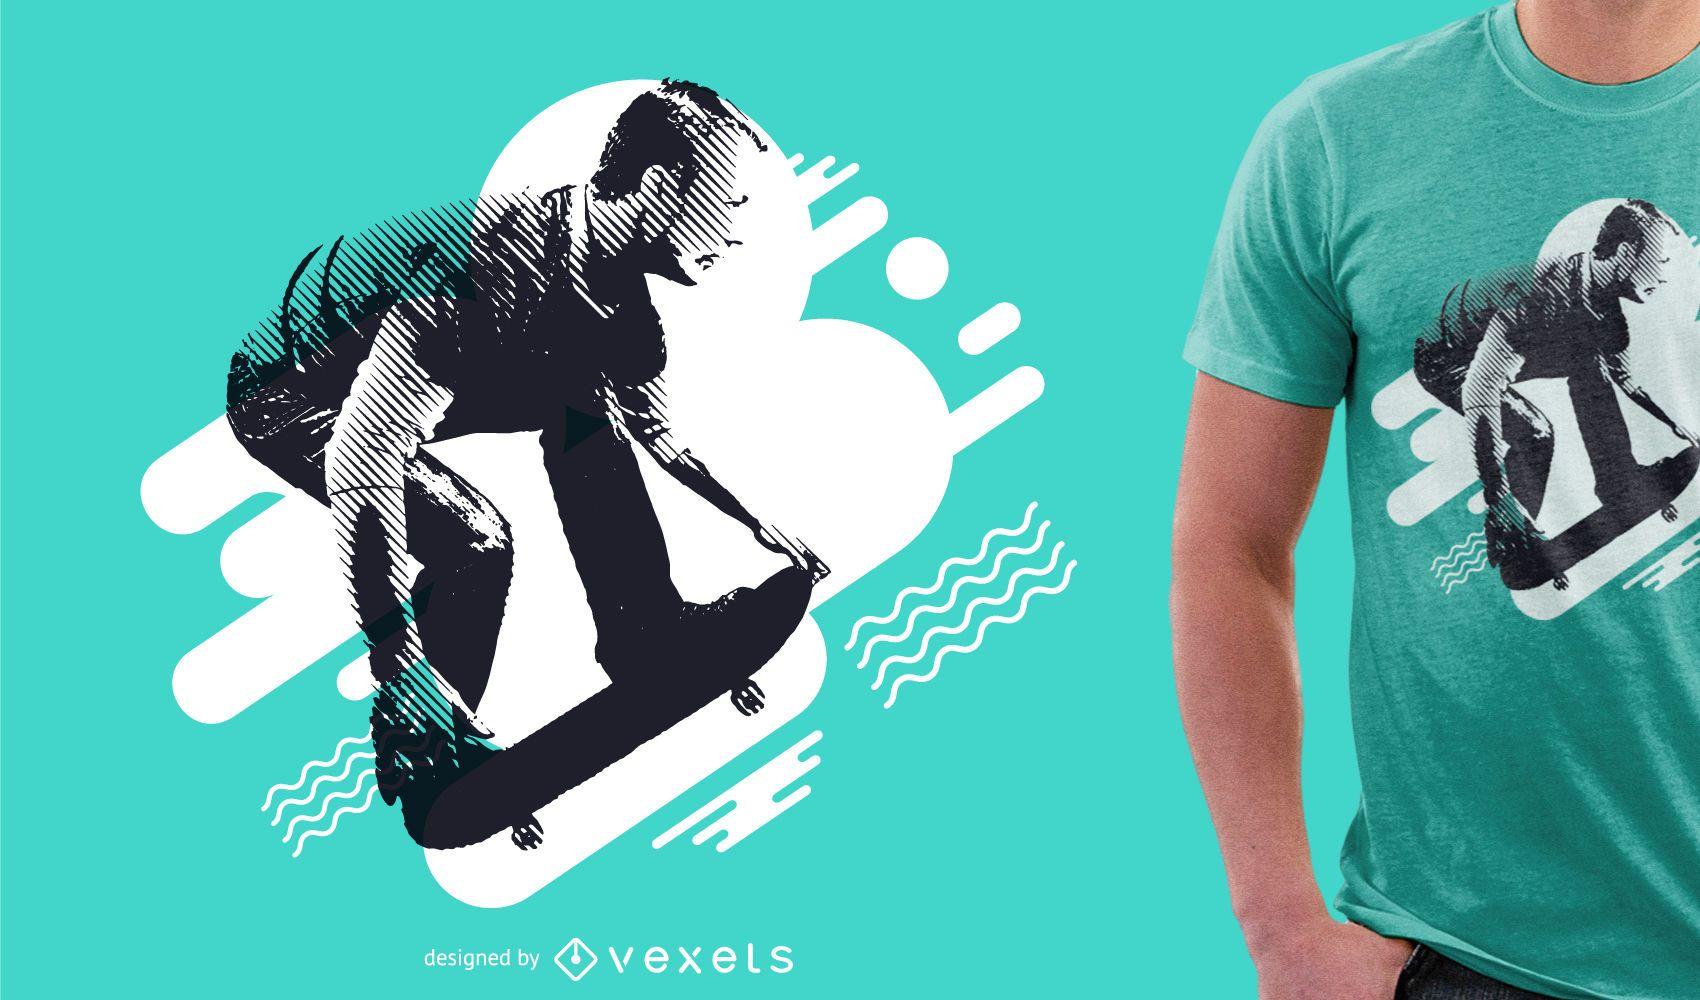 Skate T-shirt design